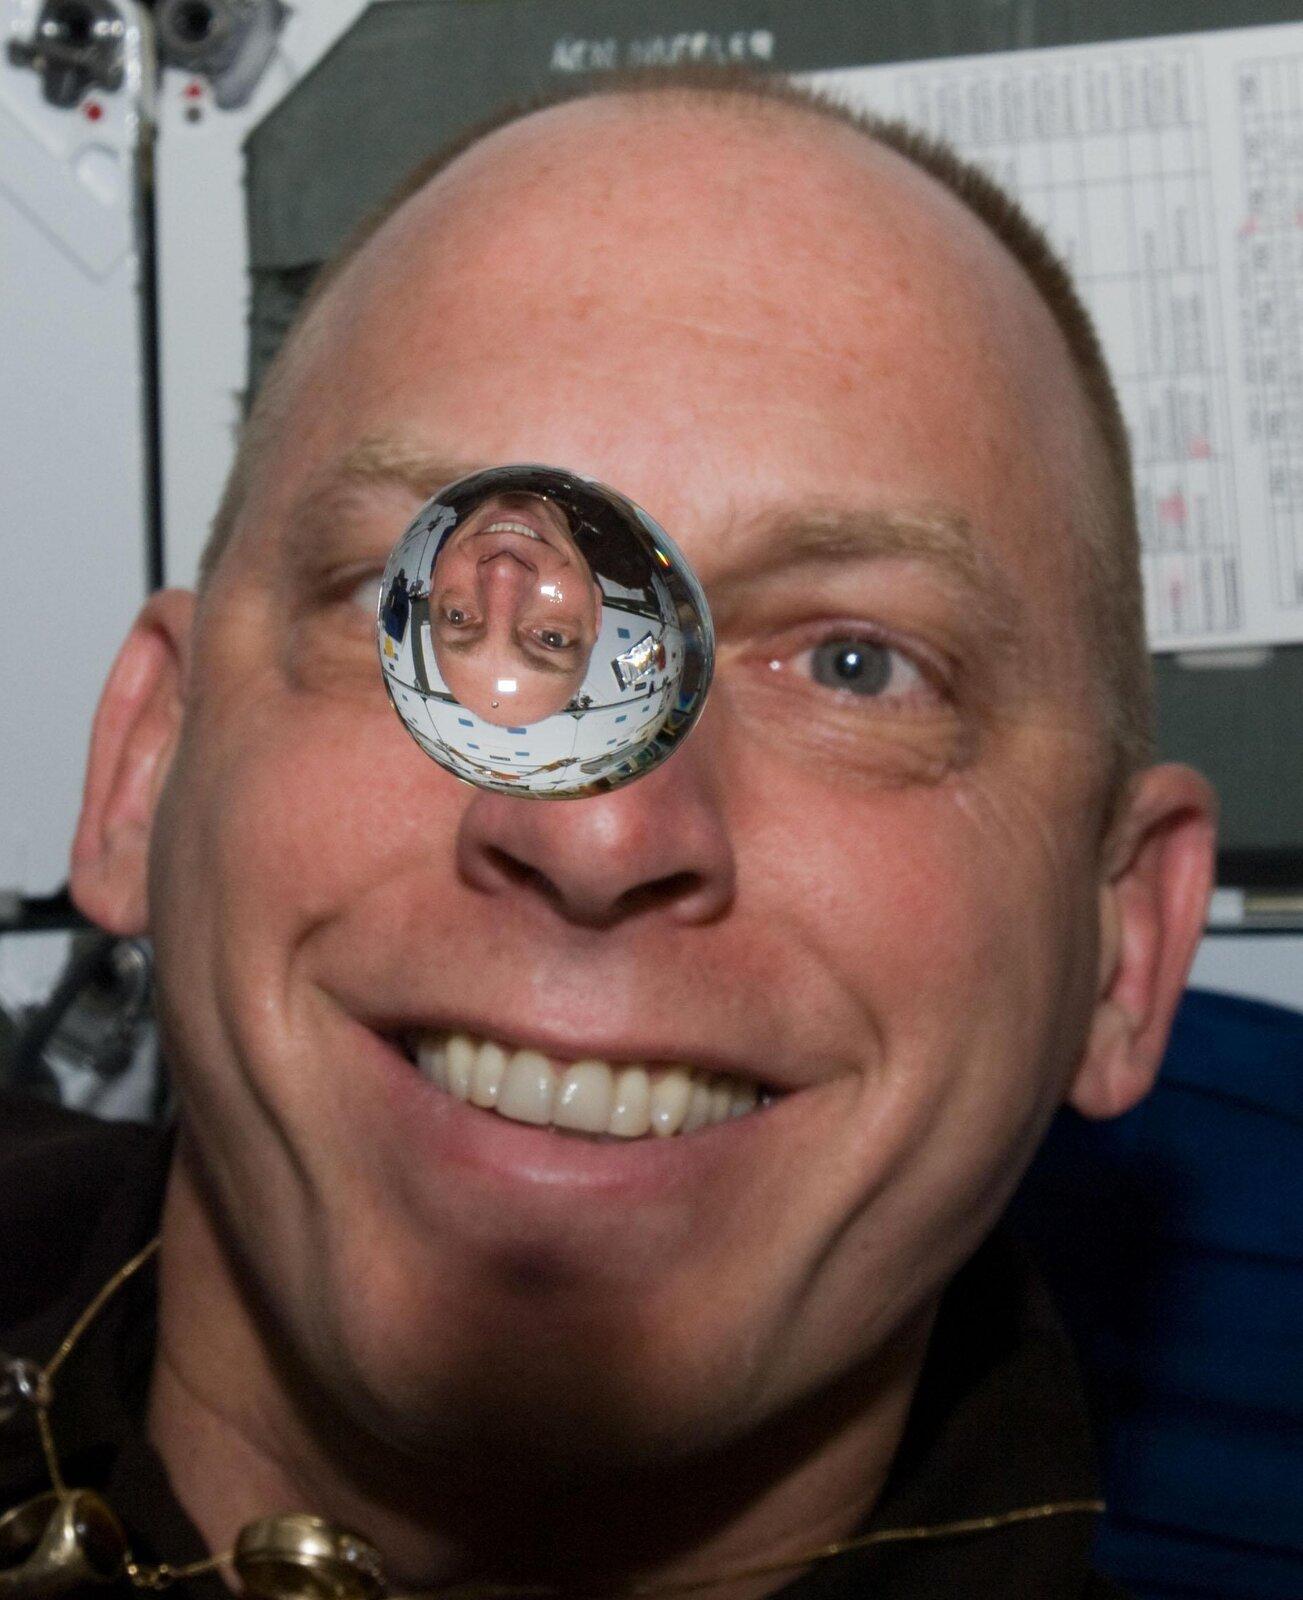 Zdjęcie przedstawia kroplę wody wstanie nieważkości. Na pierwszy planie widoczna kropla wody. Kształt zbliżony do kuli. Średnica około dwóch centymetrów. Wtle twarz mężczyzny. Mężczyzna łysiejący. Niebeskie oczy, jasne brwi. Szeroki uśmiech. Wzrok skierowany ku kropli, która utrzymuje się na wysokości jego oczu. Odległość kropli od twarzy mężczyzny wynosi około kilkunastu centymetrów.